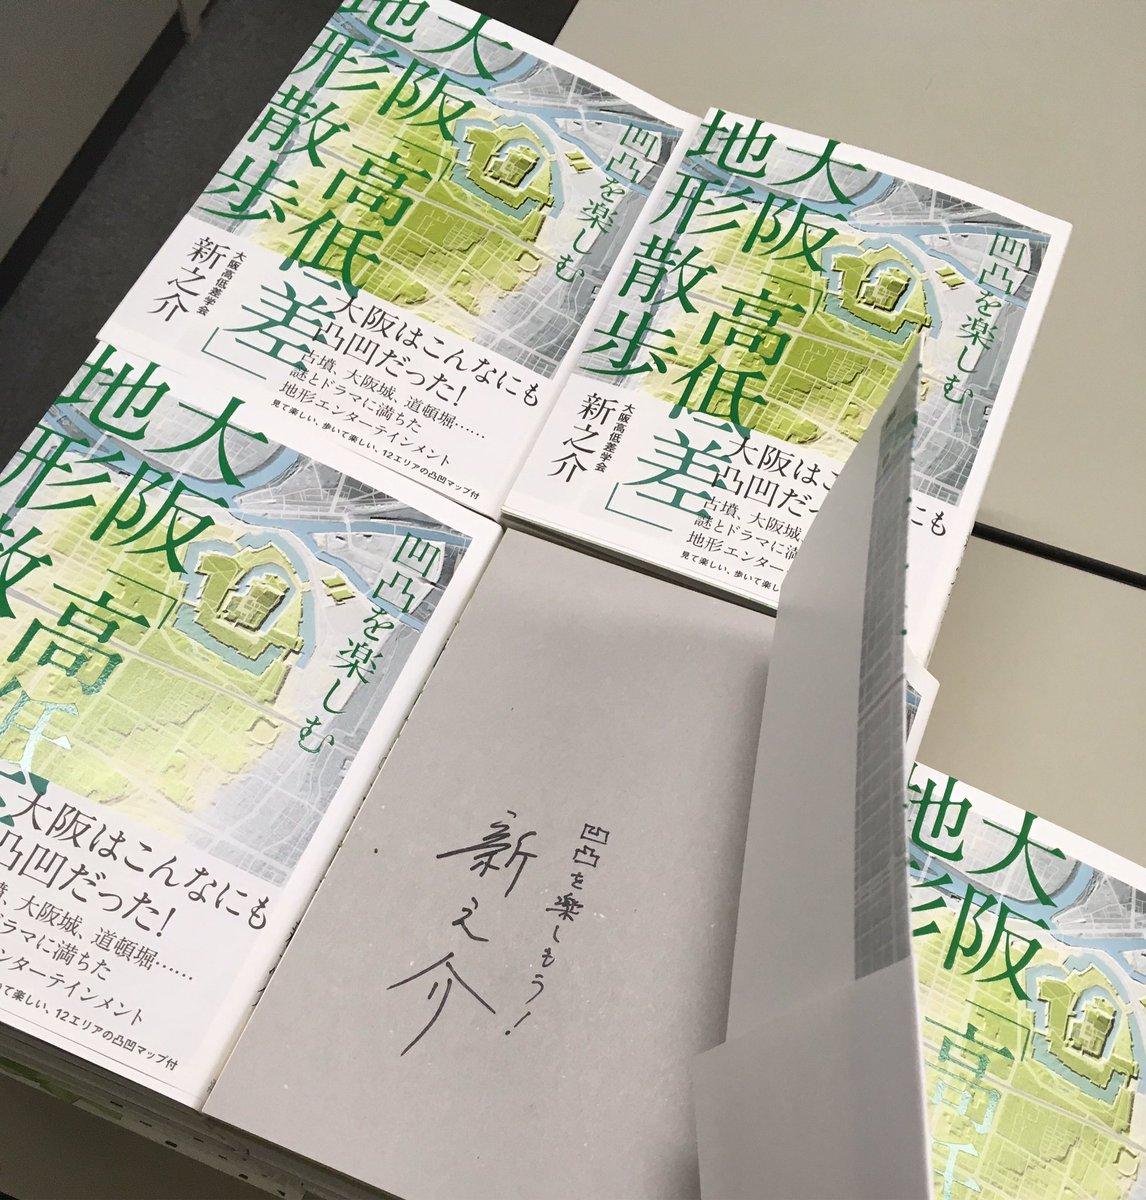 紀伊國屋書店梅田本店さんで「大阪高低差地形散歩」にサインをさせていただいた。おそらくブラタモリの放送後の翌日に店頭に並ぶと思います。ほんまにありがたい。感謝です。 https://t.co/FpQhuNVXb8